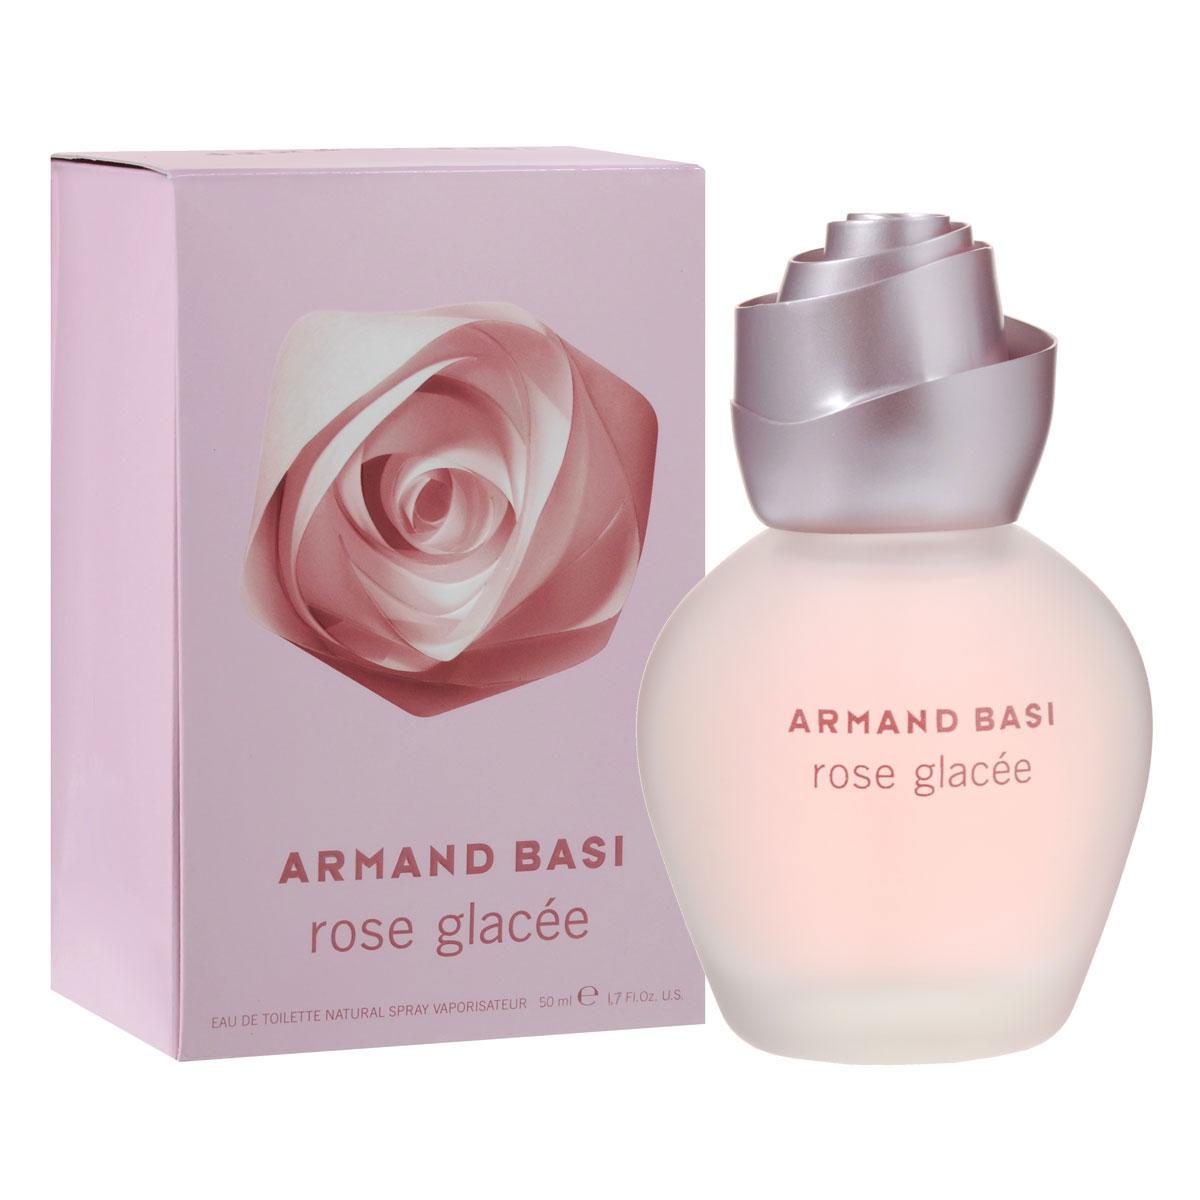 """Armand Basi Туалетная вода Rose Glacee, женская, 50 мл47100Органичная и геометричная, роза является сердцем и вдохновением нового аромата от Armand Basi, который открывает перед нами мир сущности цветка. Его концепция усовершенствована и обновлена выведением на игровое поле главного игрока - геометрии. Роза - это символ совершенства. Универсальный цветок, признанный во всем мире воплощением тайны женщины. Это самый безупречный цветок. Ее красота радует глаз; ее аромат роскошный, превосходный, пьянящий, нежно-бархатный и хрупкий. И в то же время он обманывает, бунтует и отклоняется от всех мыслимых стандартов: шипы ранят руку каждого, кто осмелится срезать розу. Glacee - французское слово, которое обозначает """"замороженный"""". Роза, закованная в ледяные цепи. Хранимая холодом, продлевающим жизнь ее красоты, она стоит непокорно и гордо. Обольстительная и прекрасная. Rose Glacee, имя нового аромата, воплощающего напряжение во внешнем проявлении. Теплая и холодная, спокойная и агрессивная, дружелюбная, но предающая, прекрасная, но..."""